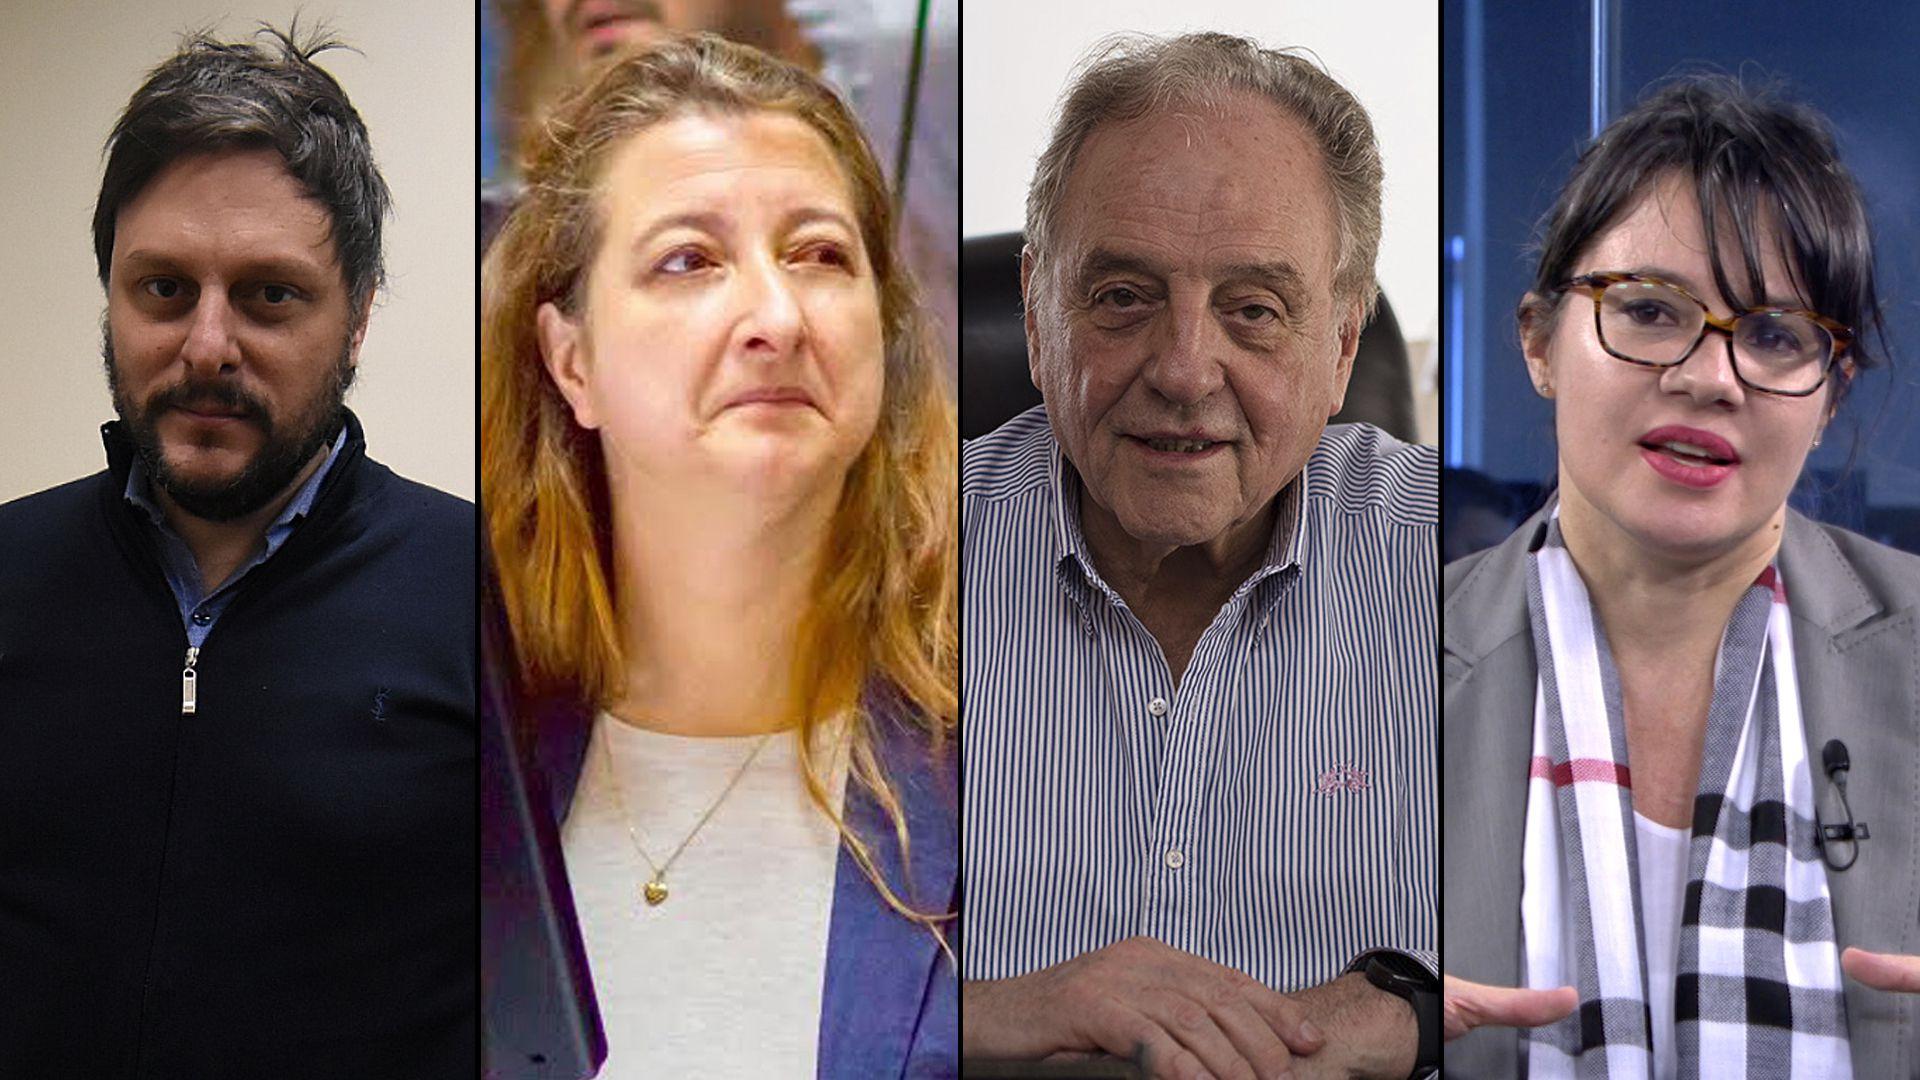 Leandro Santoro Marías Rosa Muiños Carlos Heller Gisela Marziotta